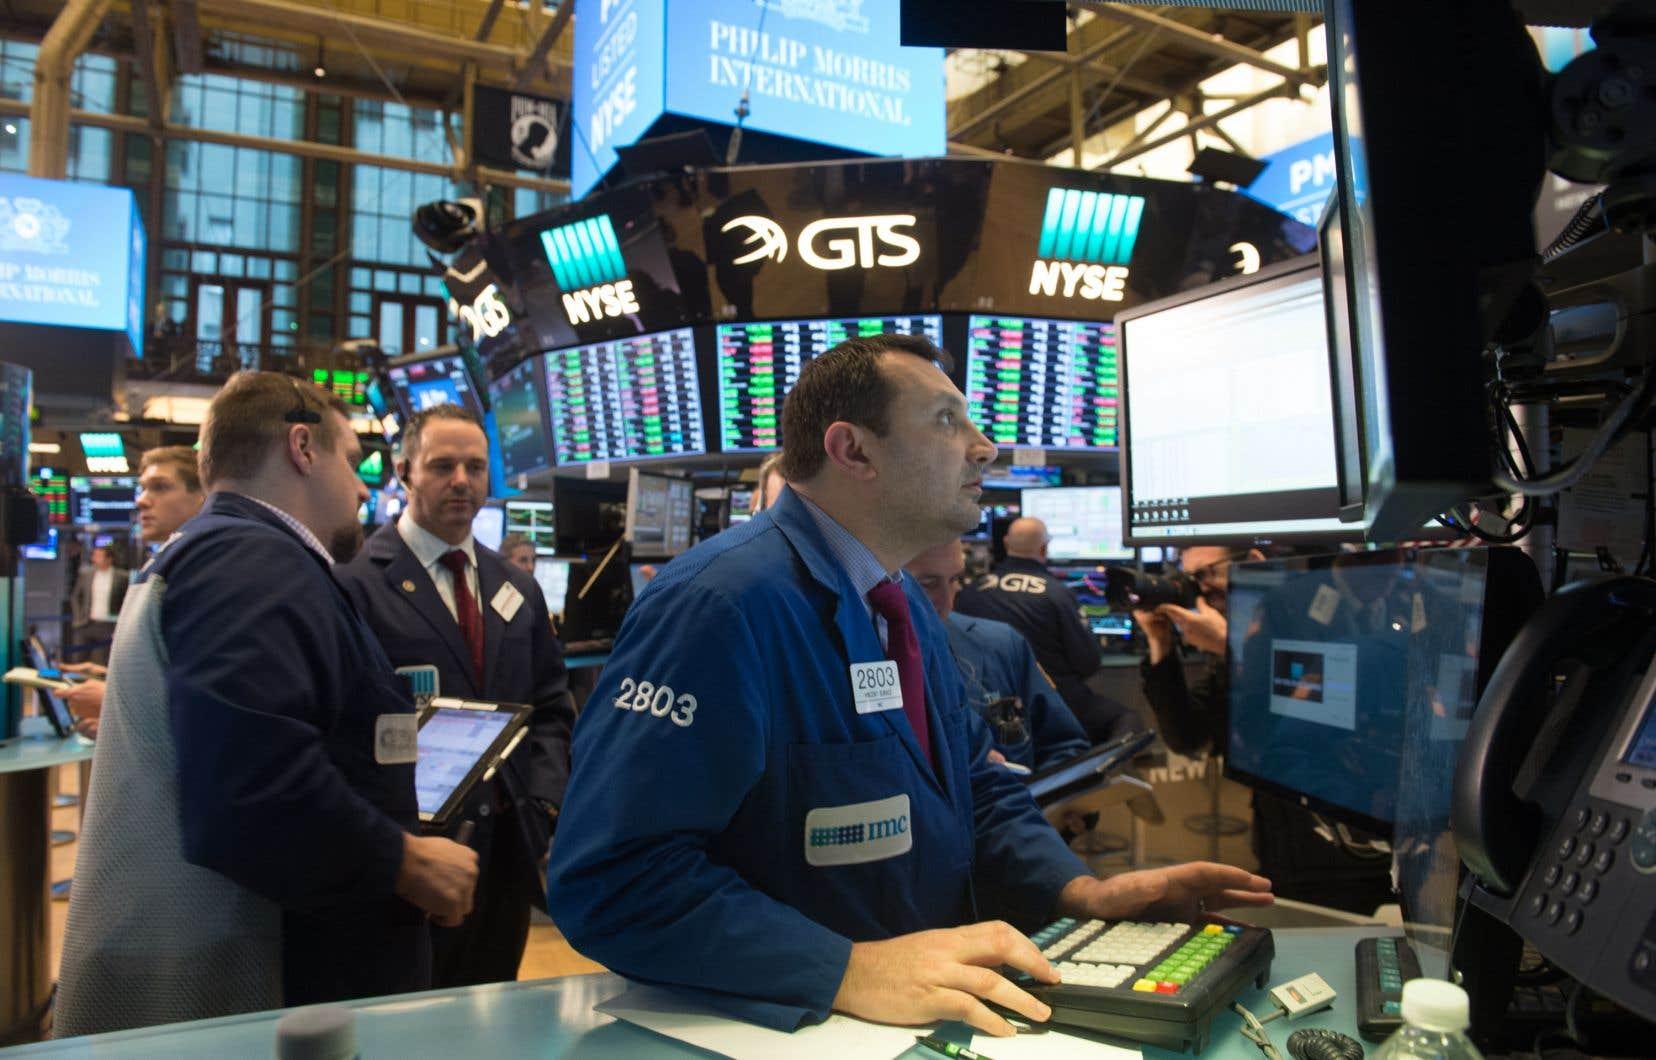 Vers 15H45, le Dow Jones perdait 3% à 23941,16 points, le Nasdaq reculant de 2,37% à 7 170,91 points et le S P 500 de 2,57% à 2 642,21 points.